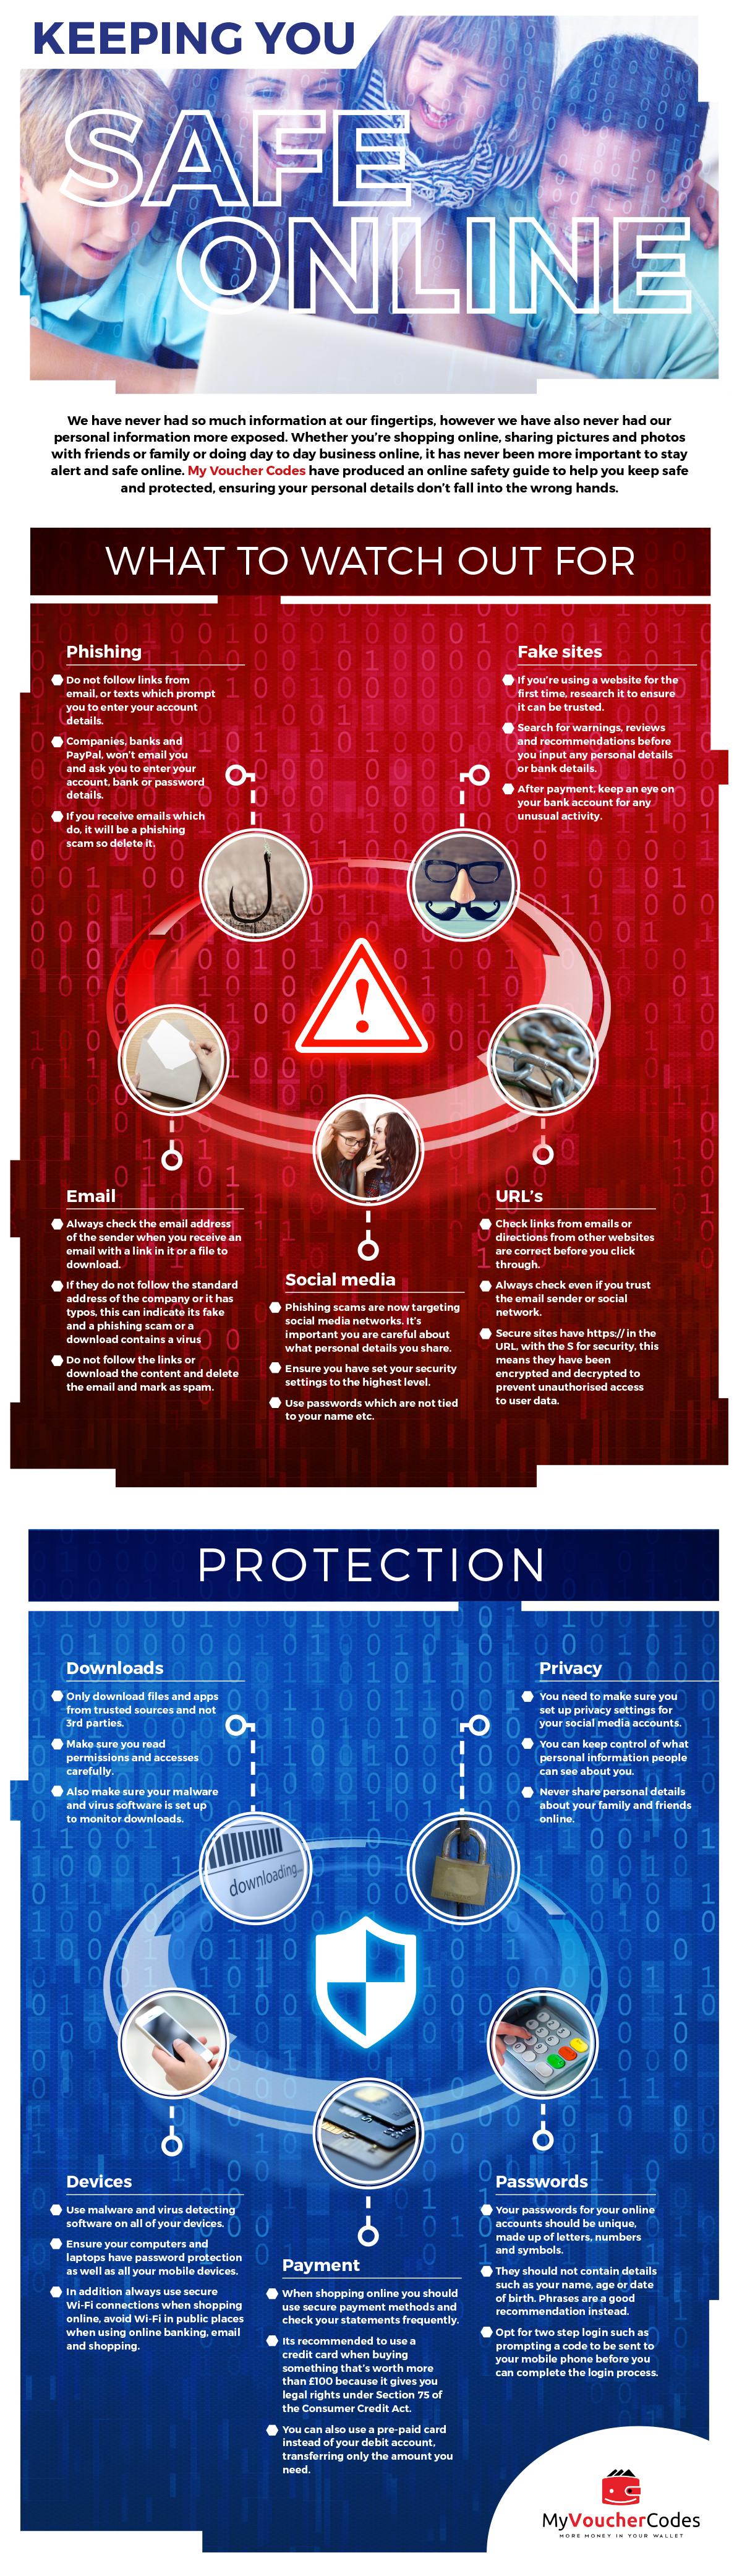 My Voucher Codes Internet Safety Infographic